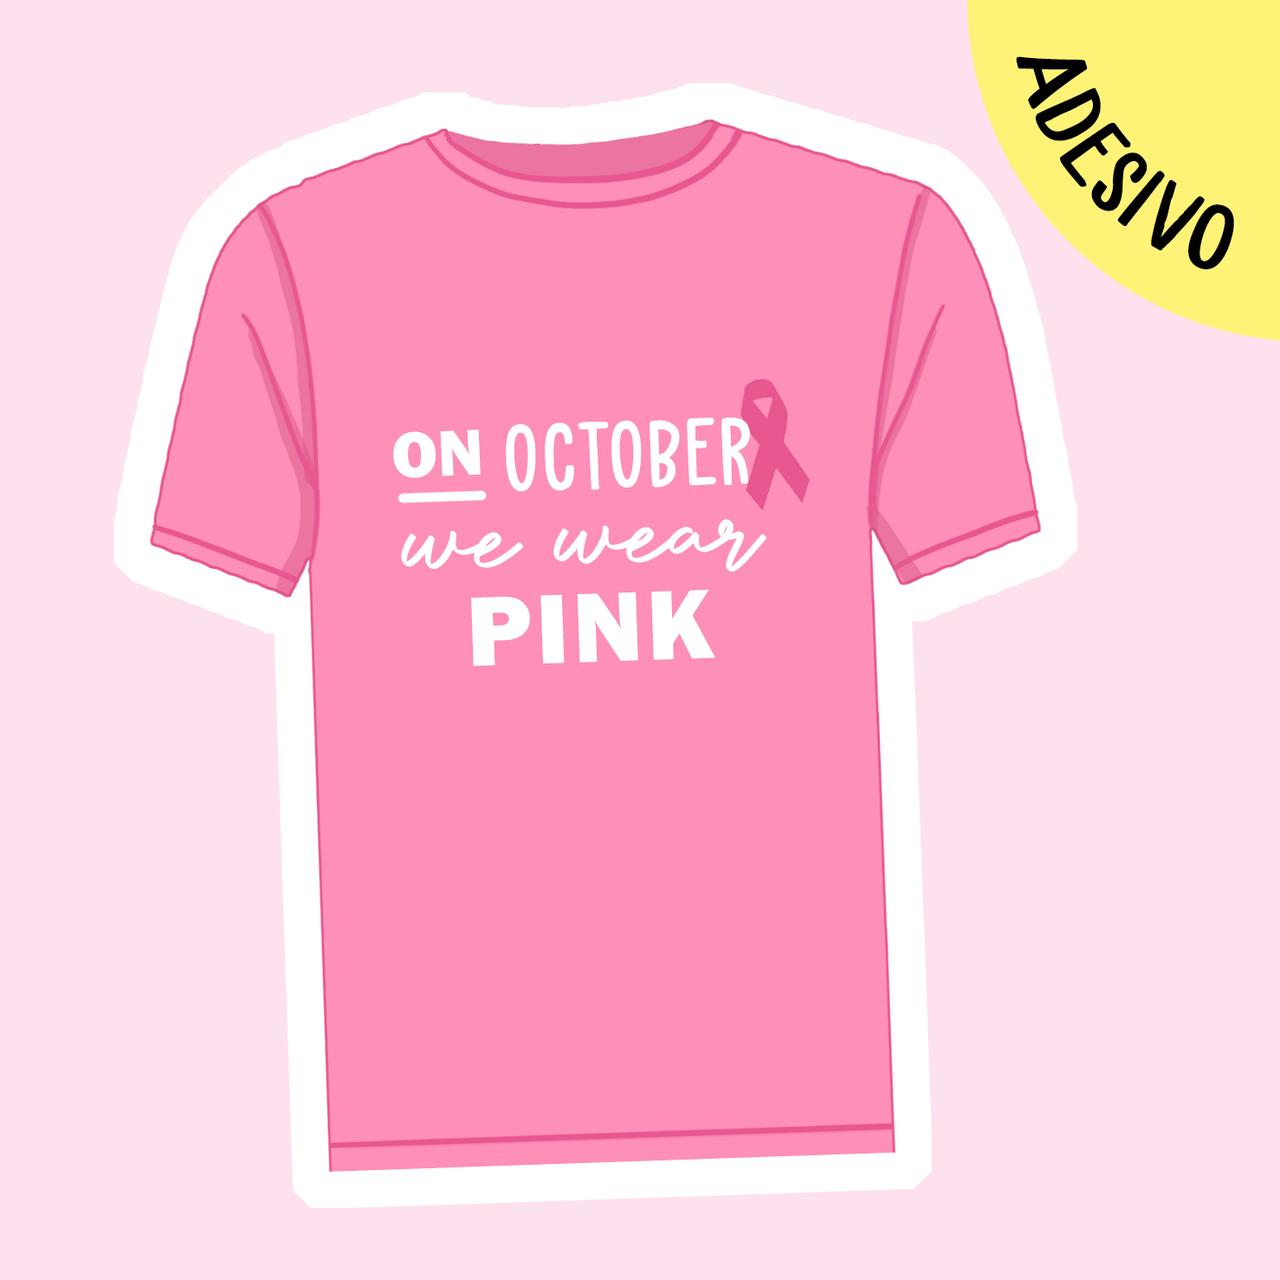 Adesivo Em Outubro Usamos Rosa (leia a descrição e apoie o projeto)